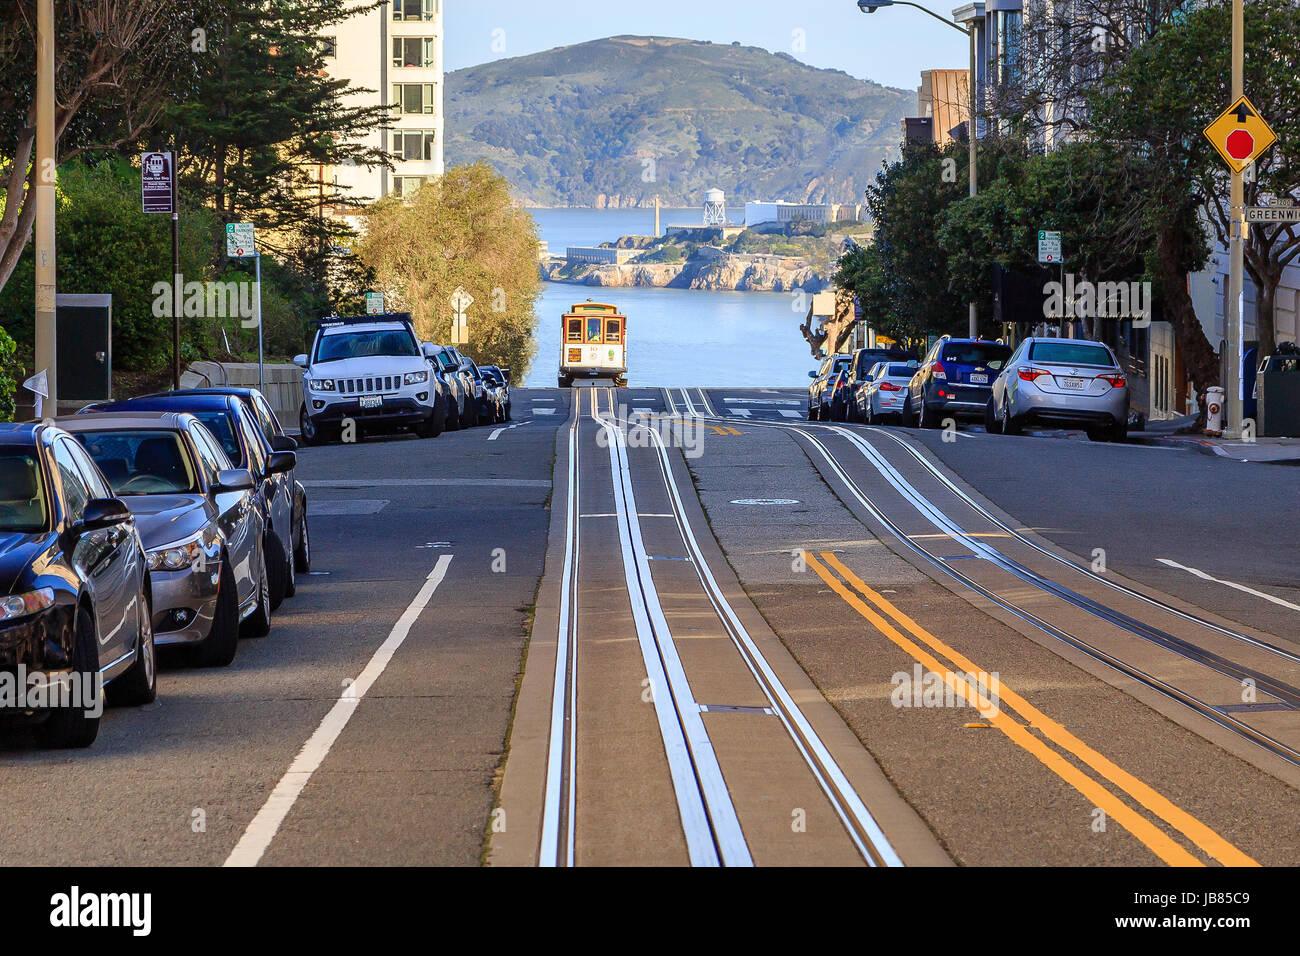 Una funivia che arriva alla sommità di una collina a San Francisco Immagini Stock